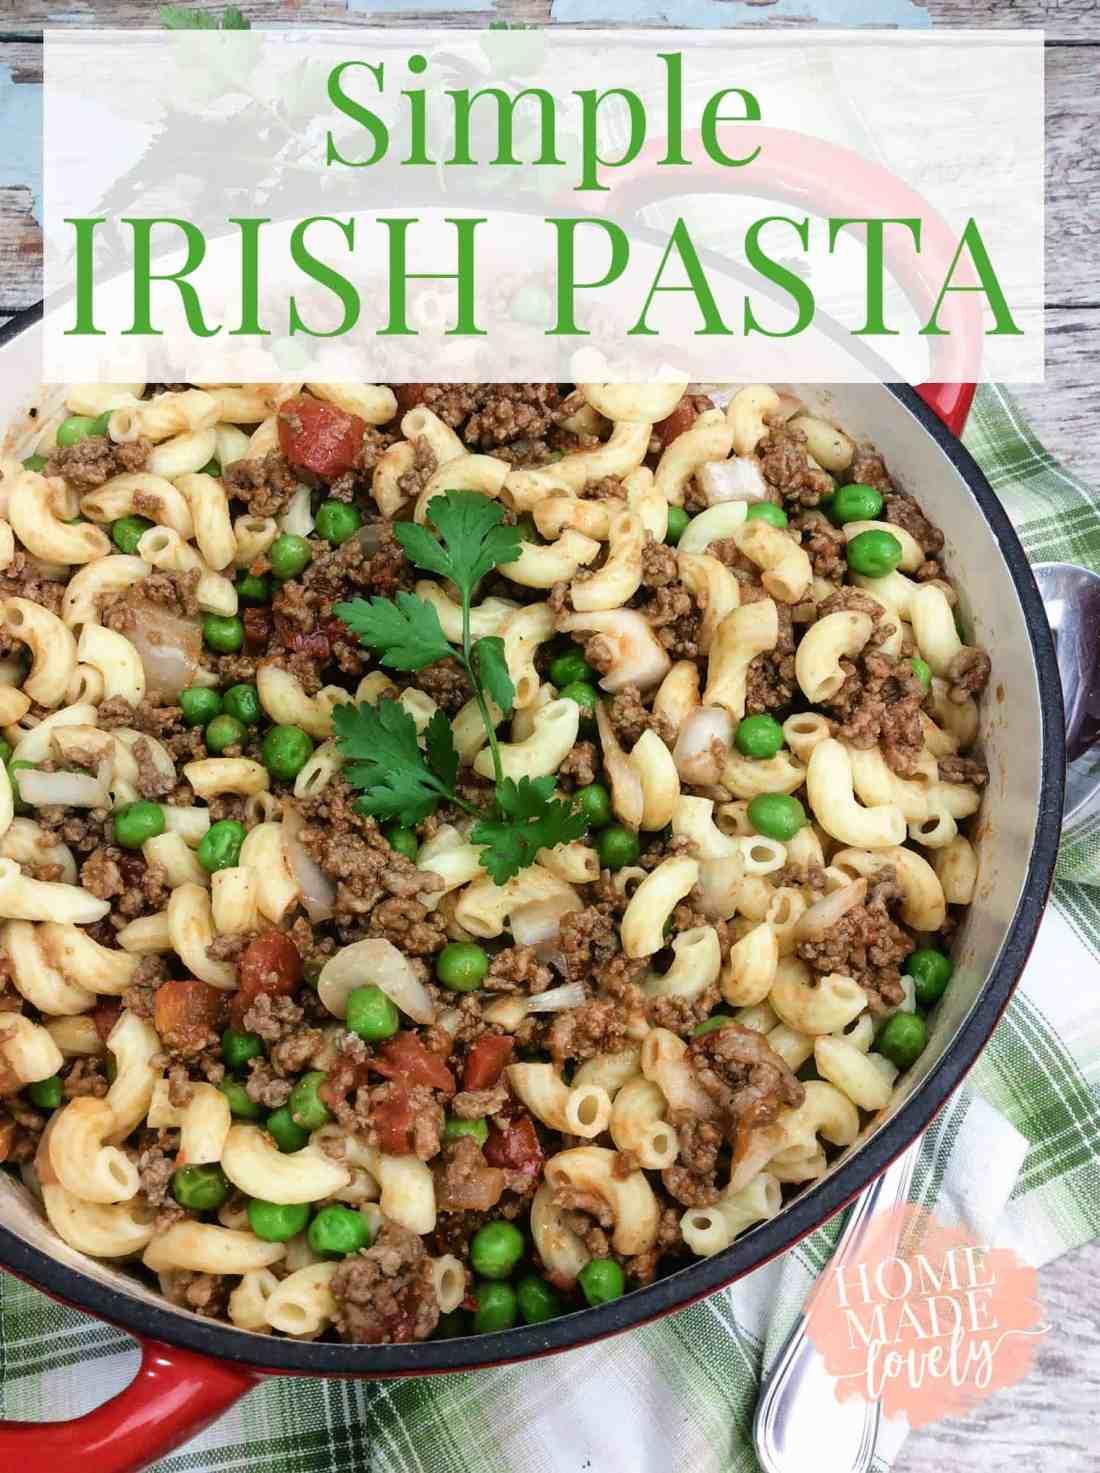 irish pasta in red pot